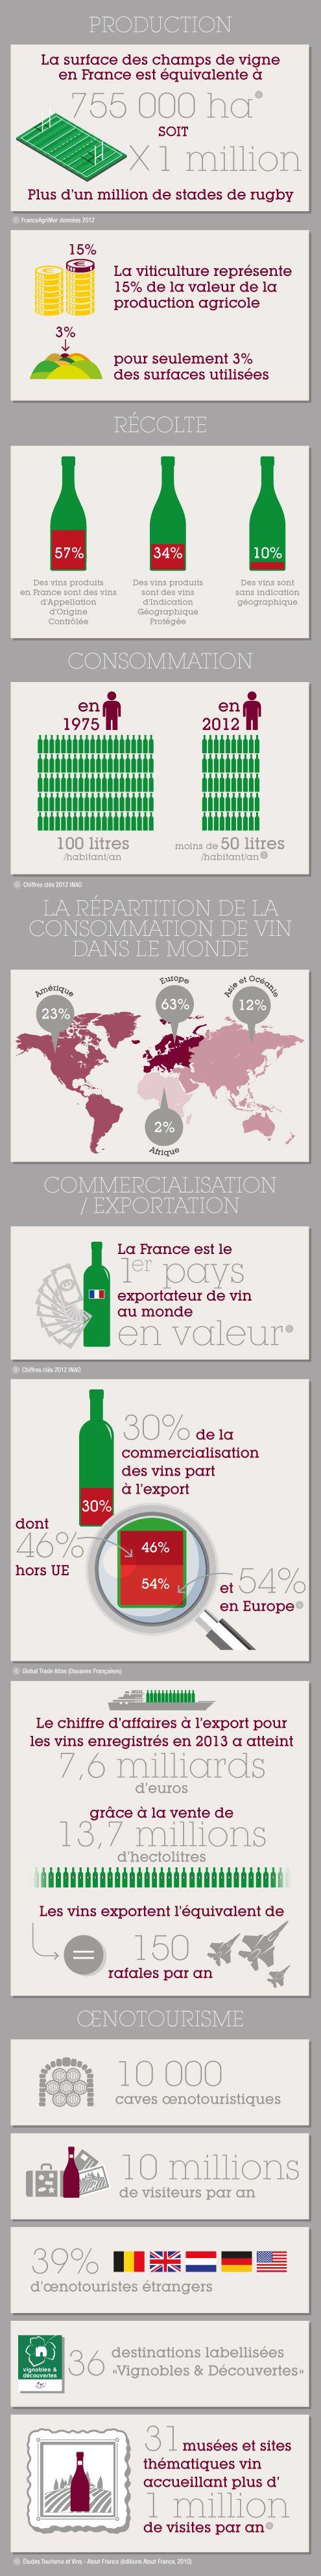 Le vin en quelques chiffres clés - Vin et société